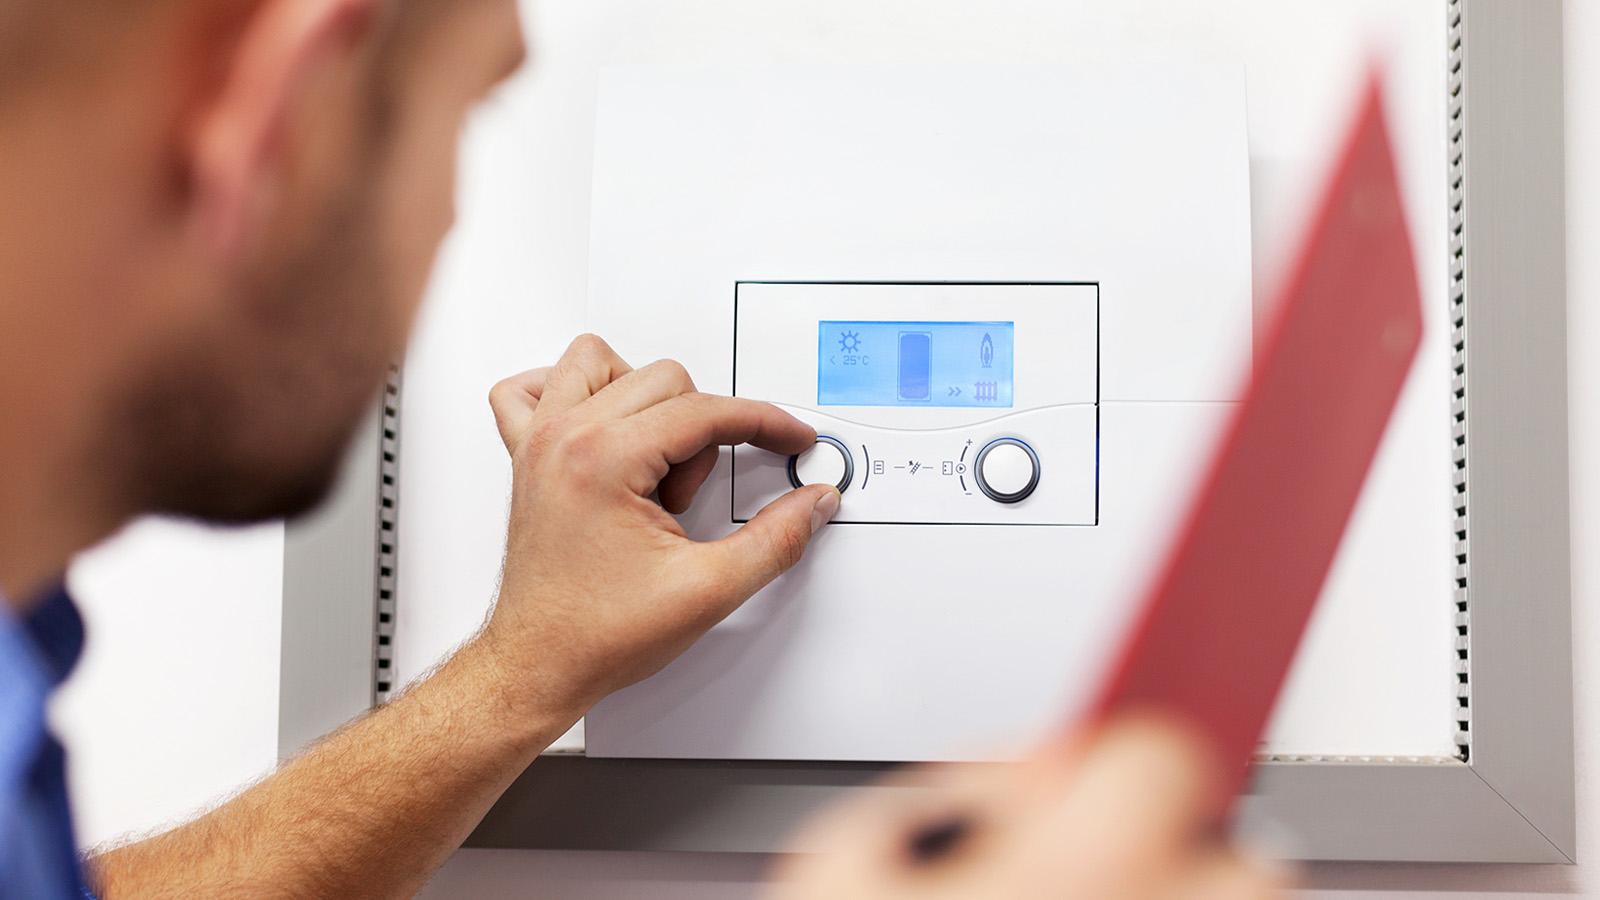 Caldaia A Condensazione Svantaggi installazione caldaia: come scegliere il prezzo migliore